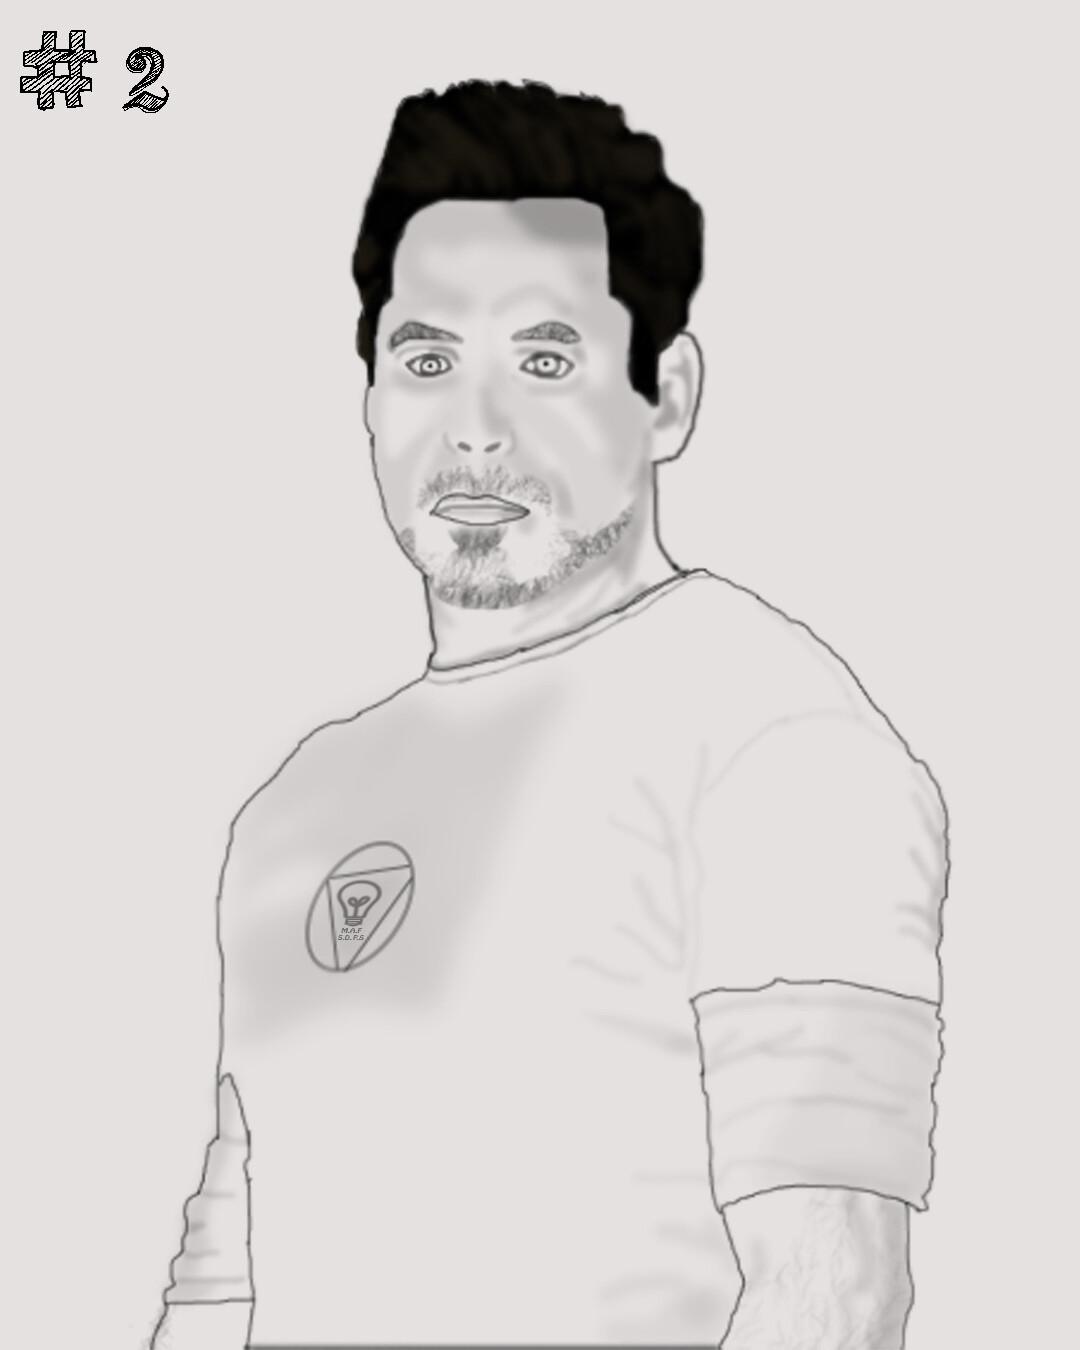 ArtStation - try to draw tony stark but i'm failed, Mohamed